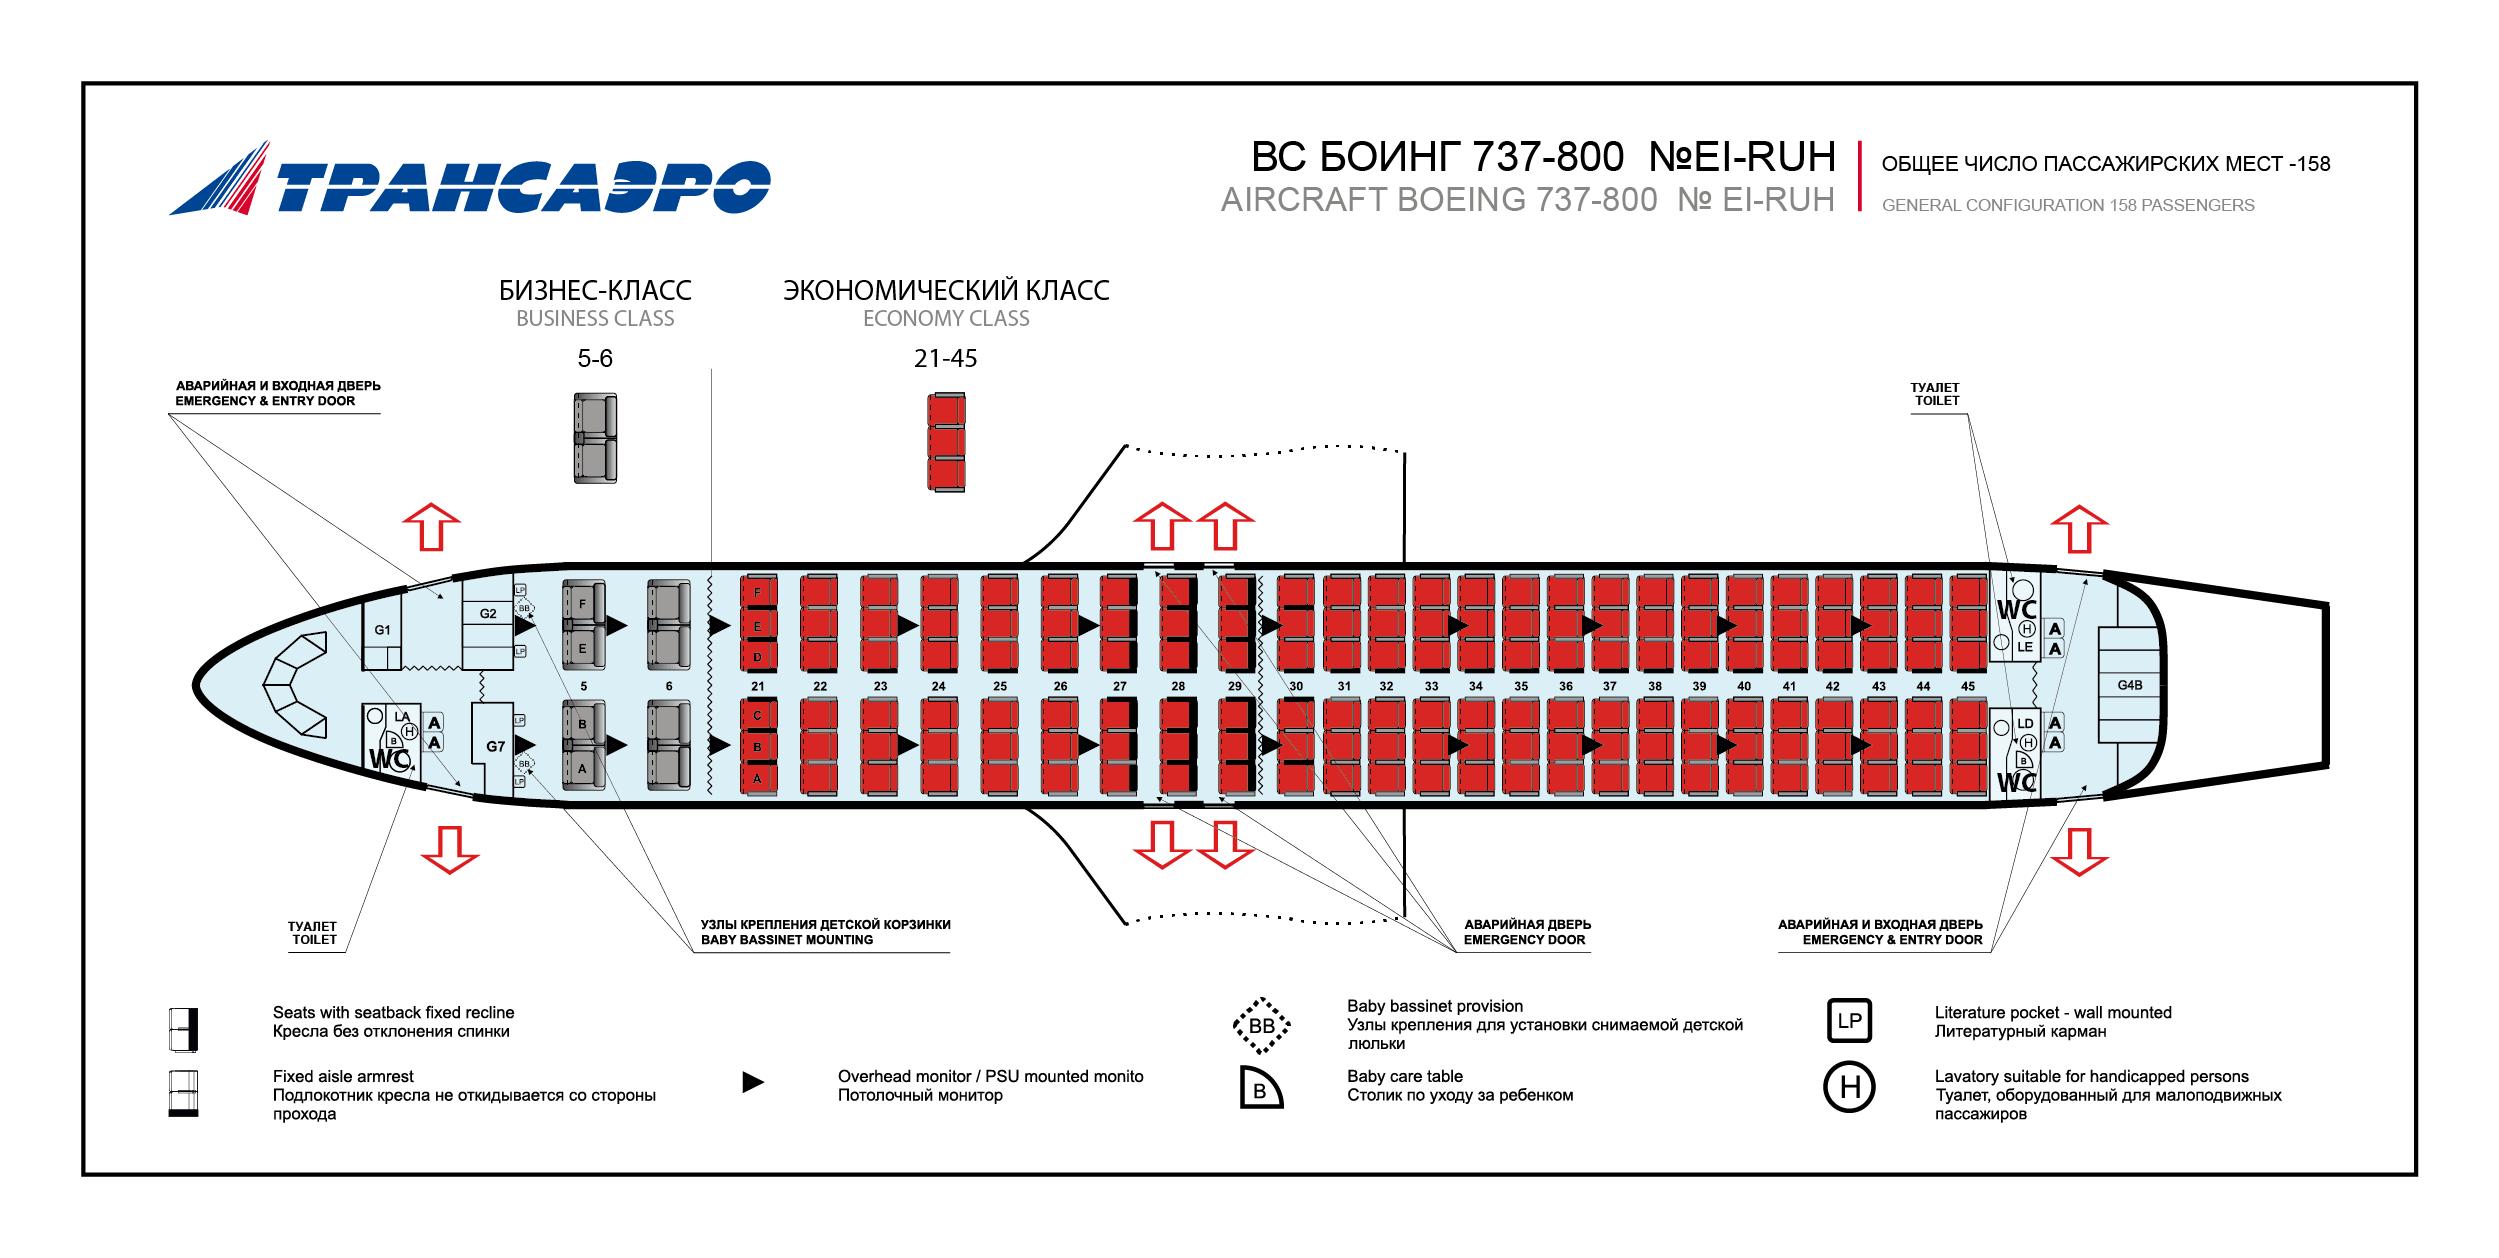 Схема расположения мест в самолете боинг 737 800